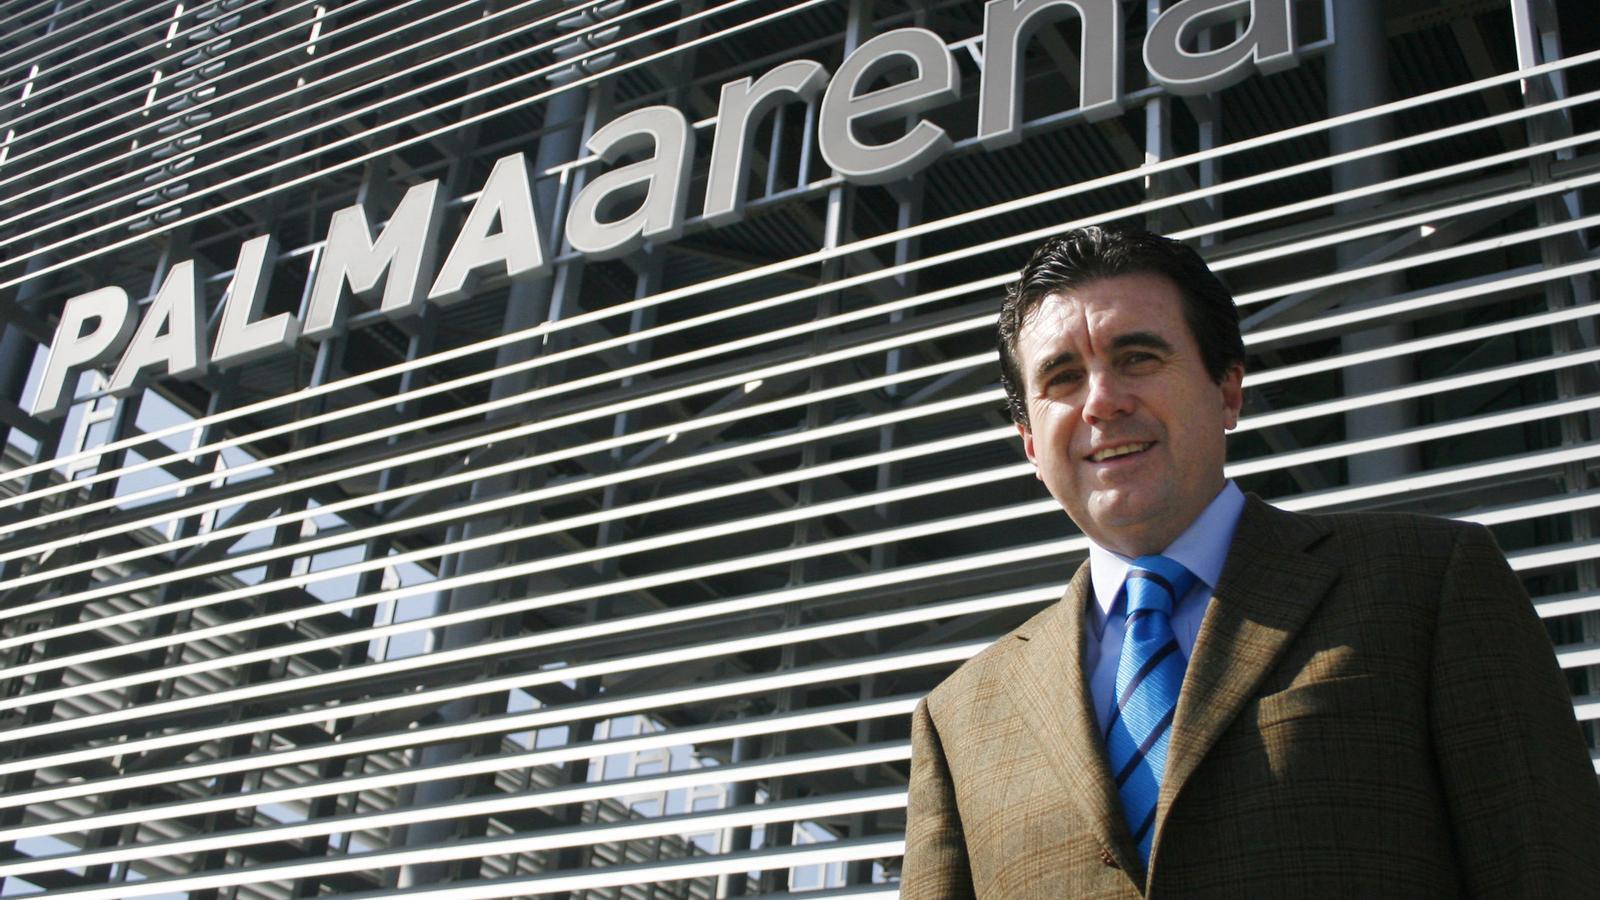 El cas Palma Arena: present i futur.